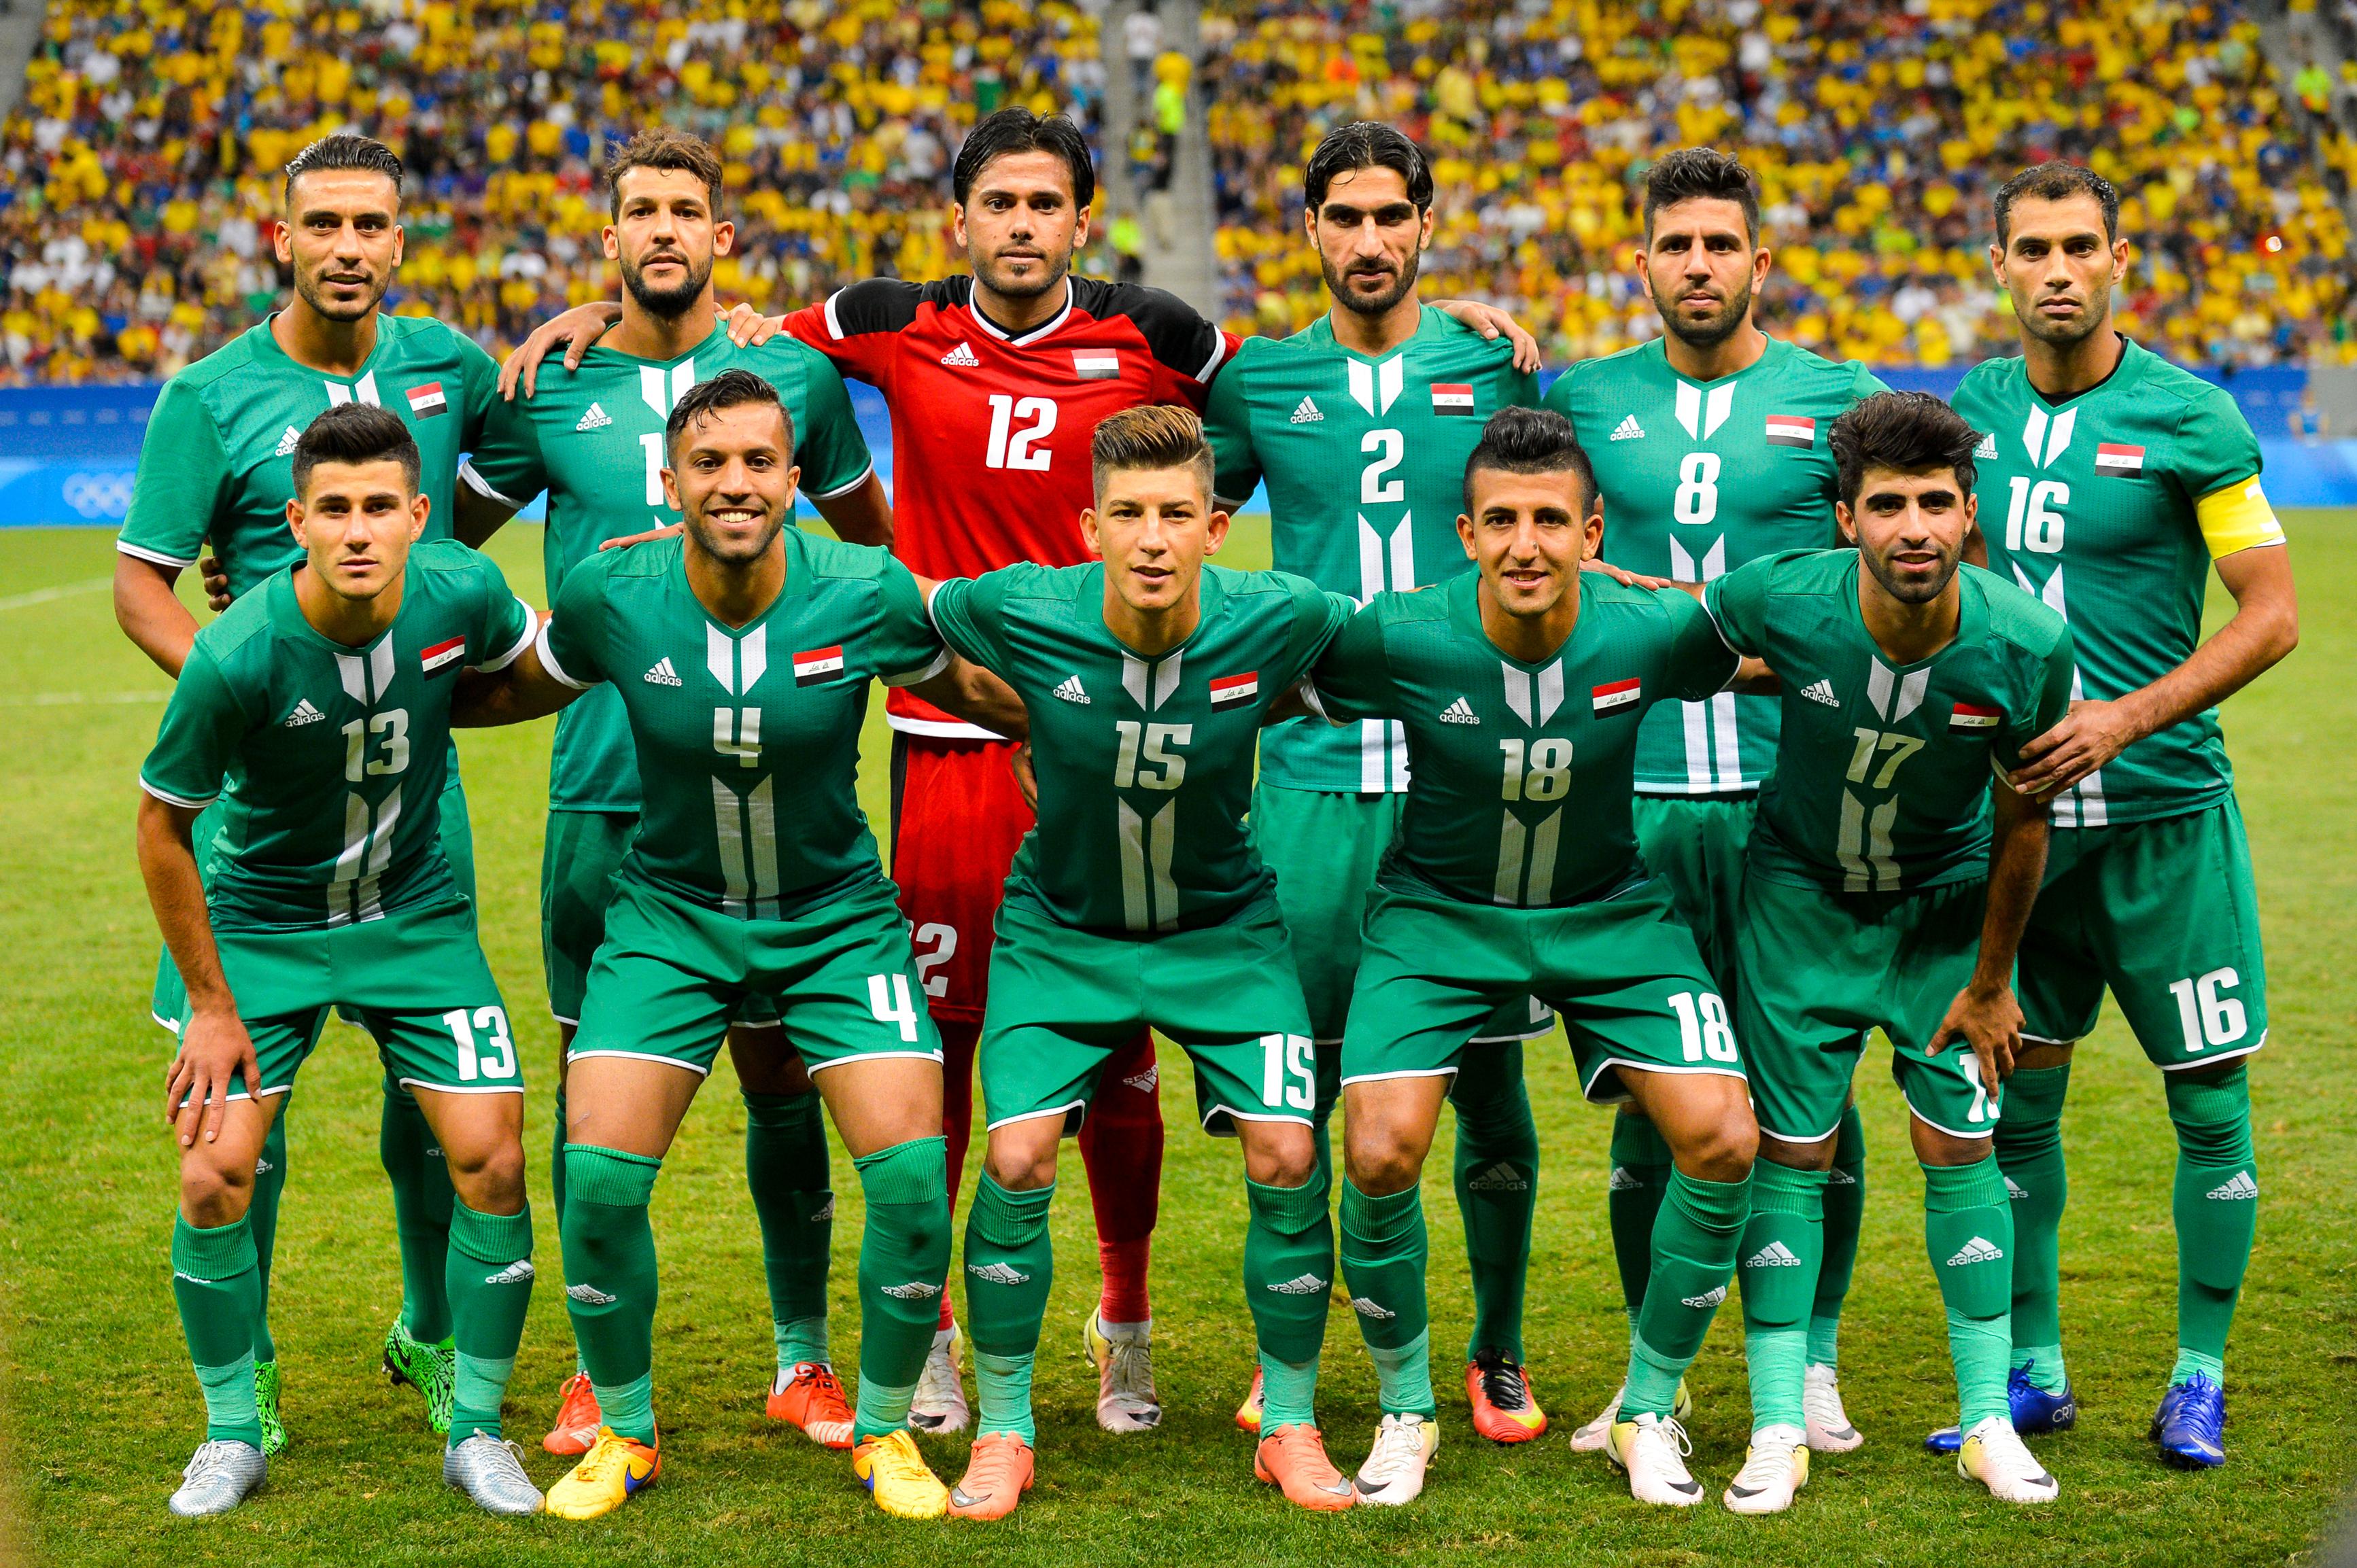 04f5a9f0d3 File Iraq men s football team 2016 Olympics.jpg - Wikimedia Commons